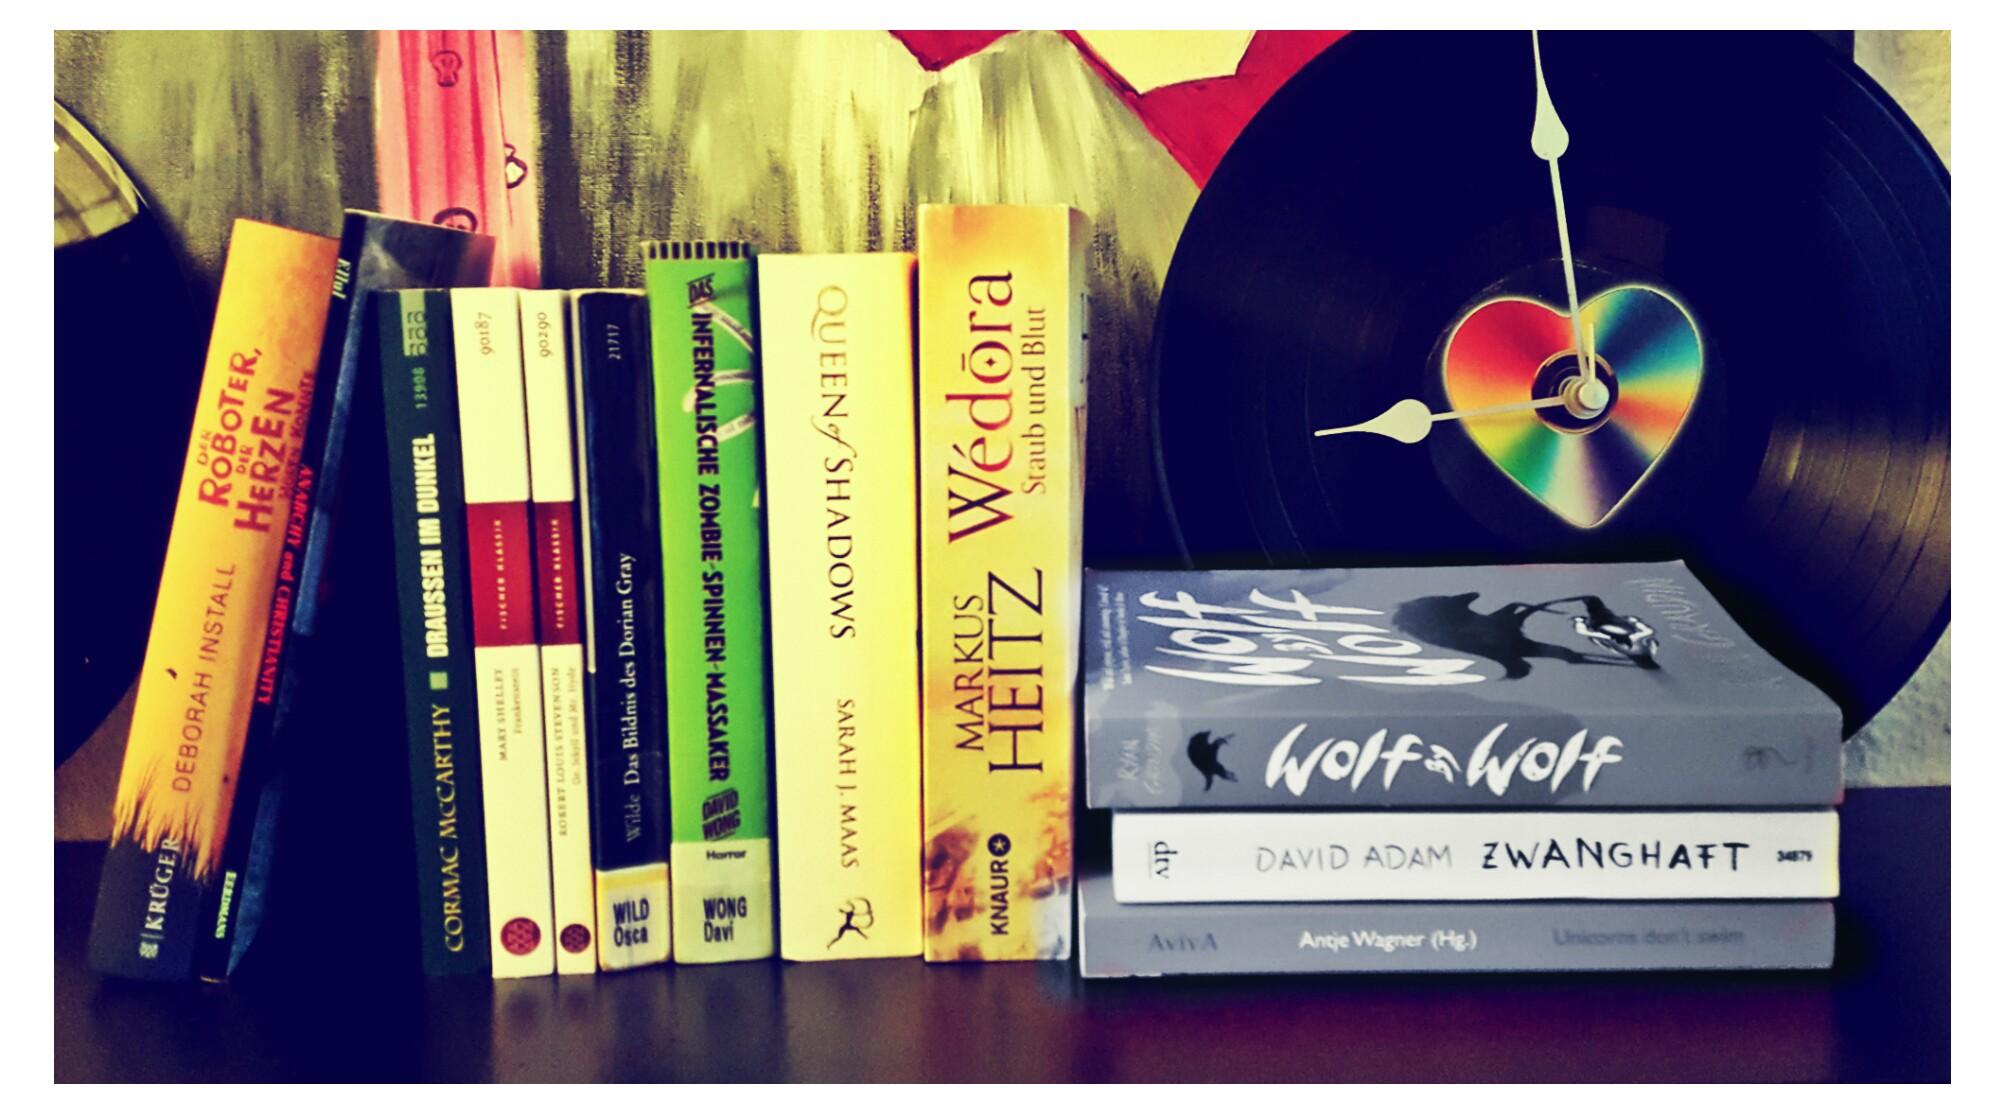 [Rabennestnews] Zwischenstand August: Freunde sind wichtiger als Bücher